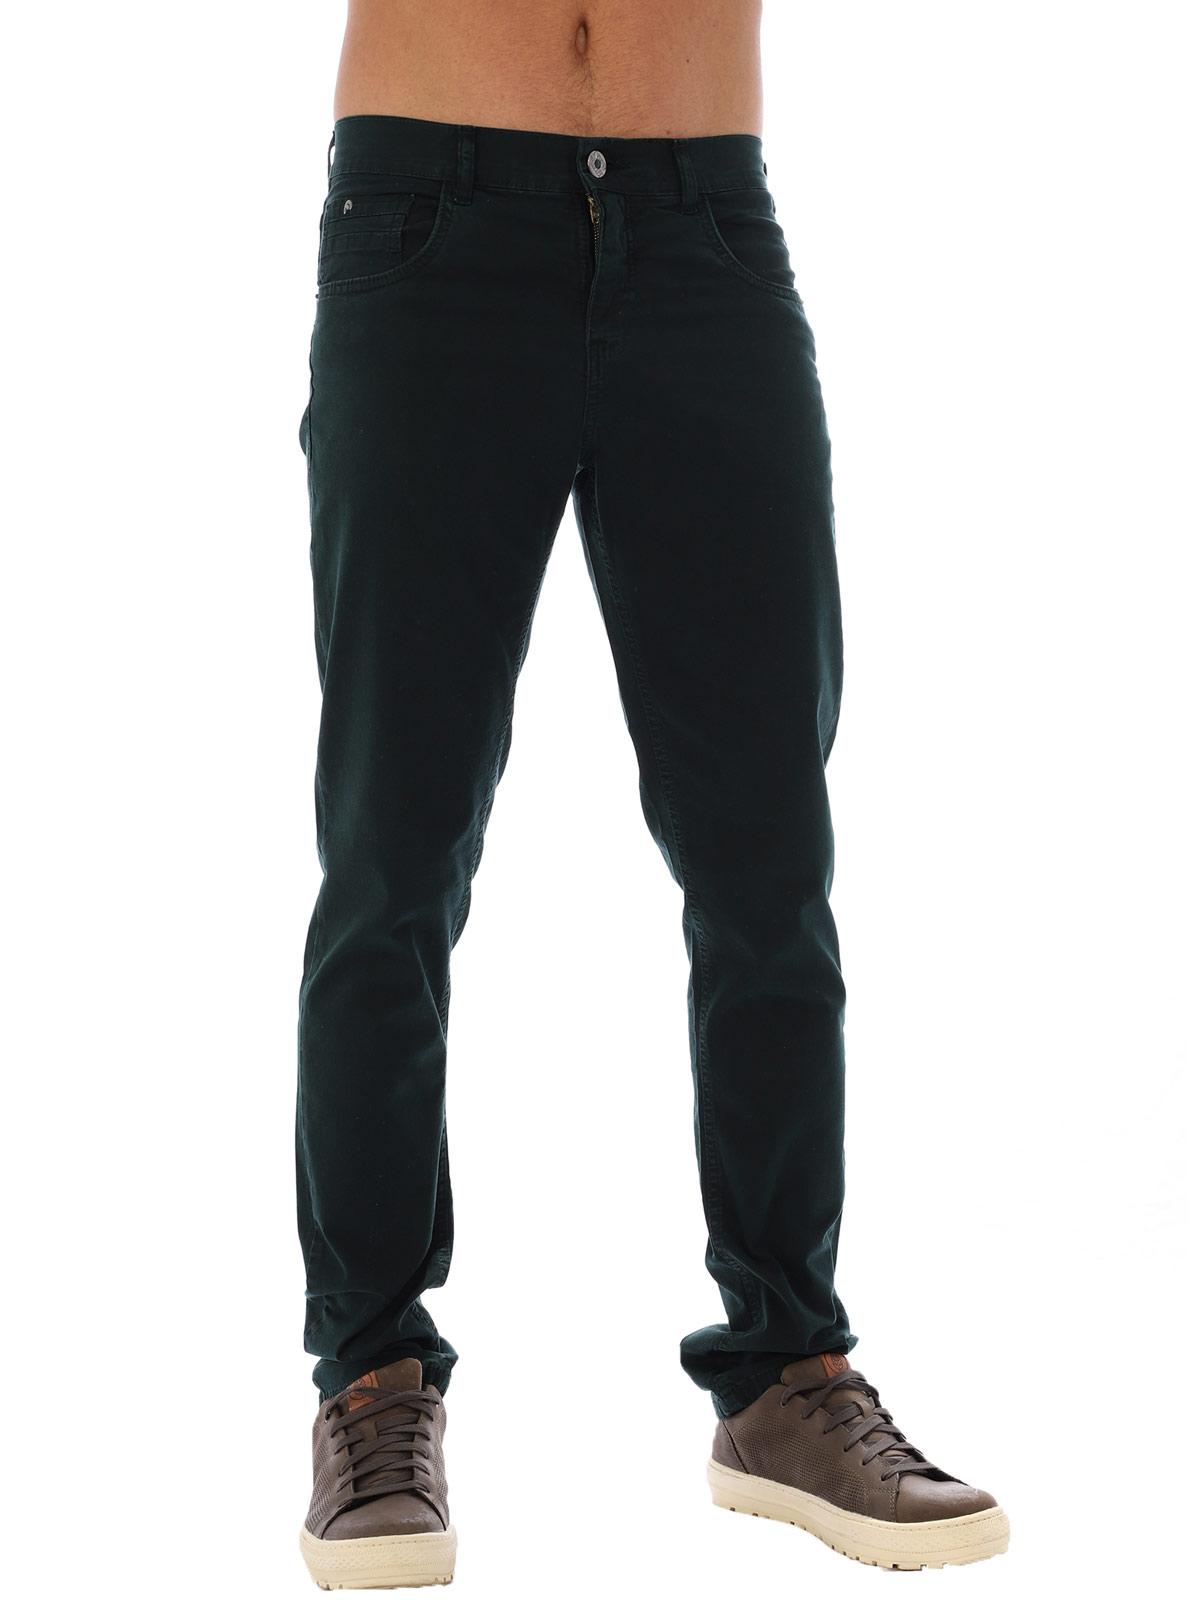 Calça Masculina de Sarja com Elastano Anistia Verde Musgo